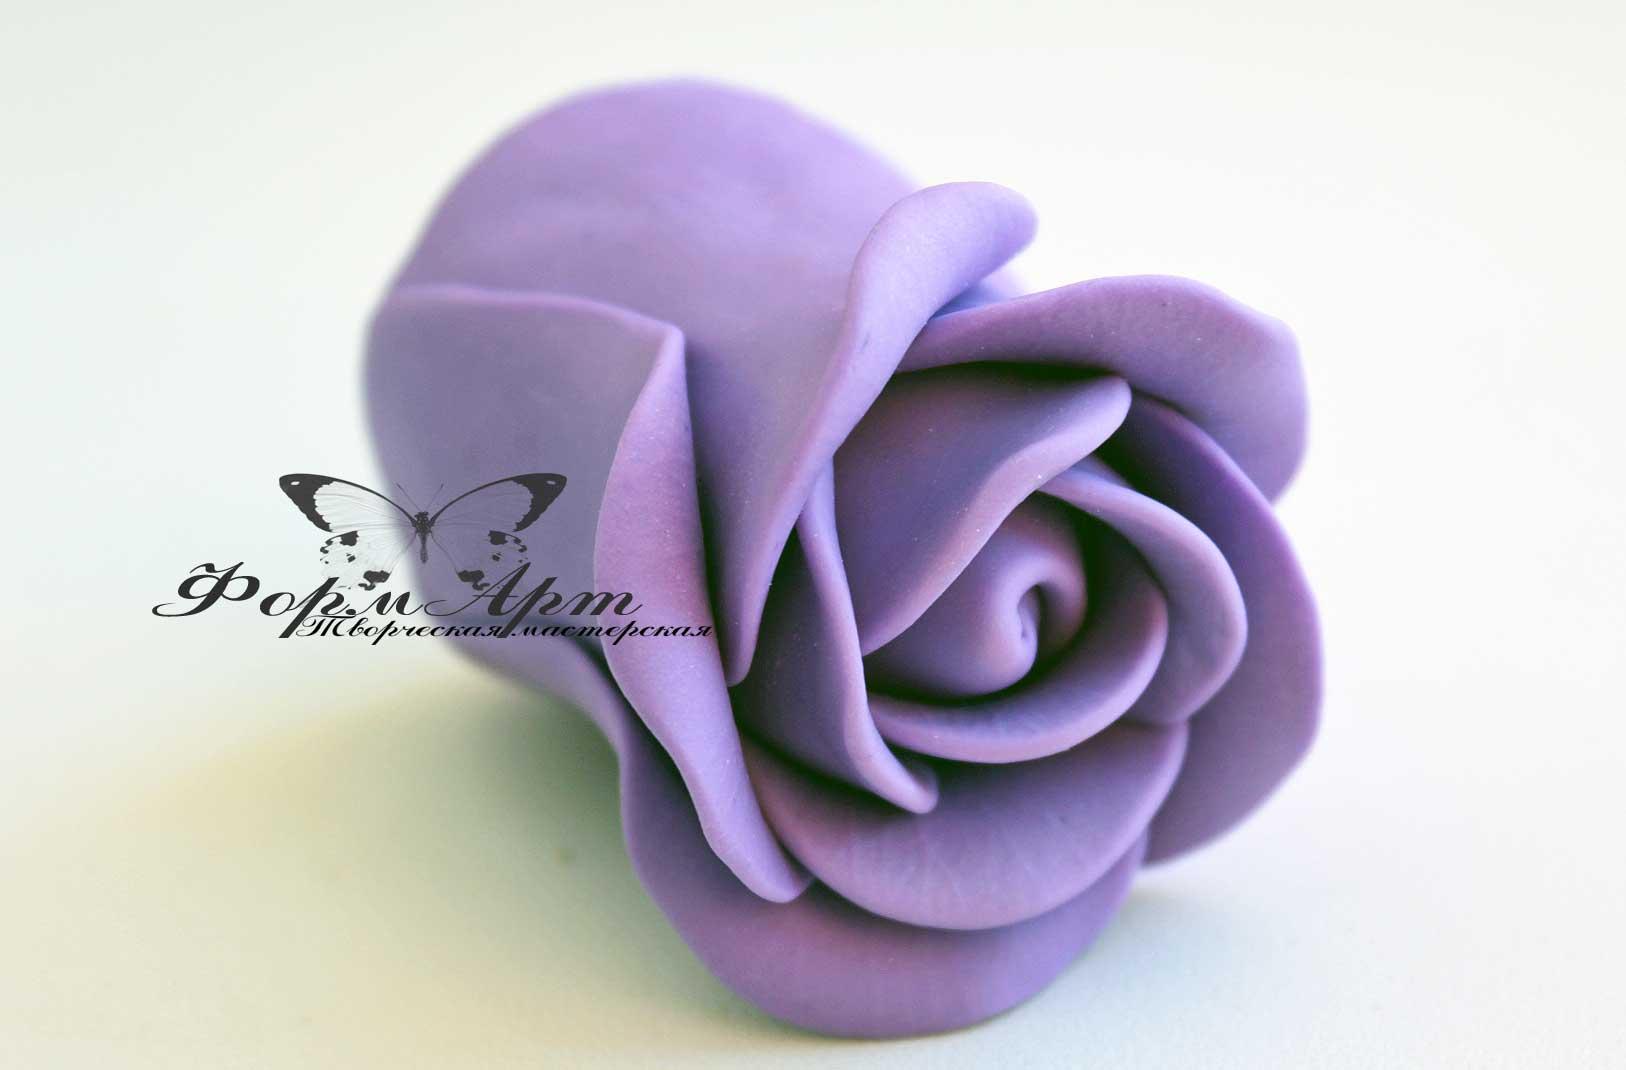 """Силиконовая форма """"Бутон розы №2"""" Высота 6 см , диаметр 4,5 см Вес мыла примерно 70 грамм   АВТОРСКАЯ ФОРМА ТМ ФОРМАРТ"""